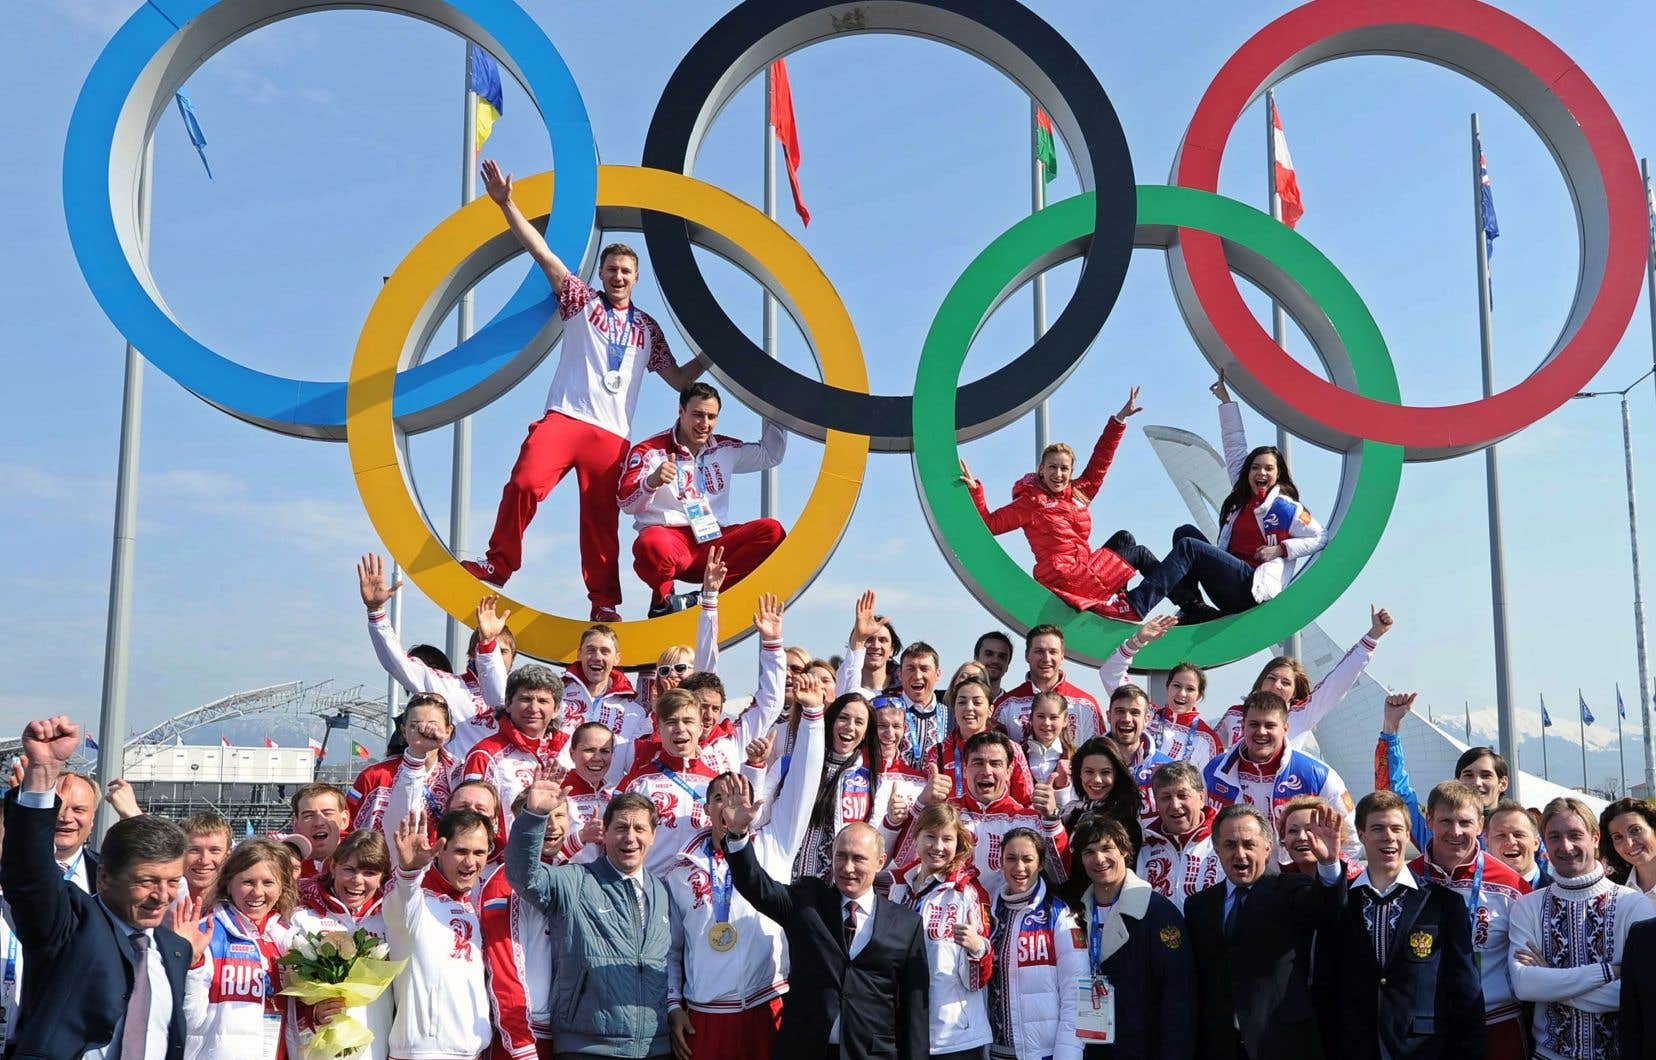 Le président de la Russie, Vladimir Poutine, pose avec des athlètes russes à Sotchi en 2014.